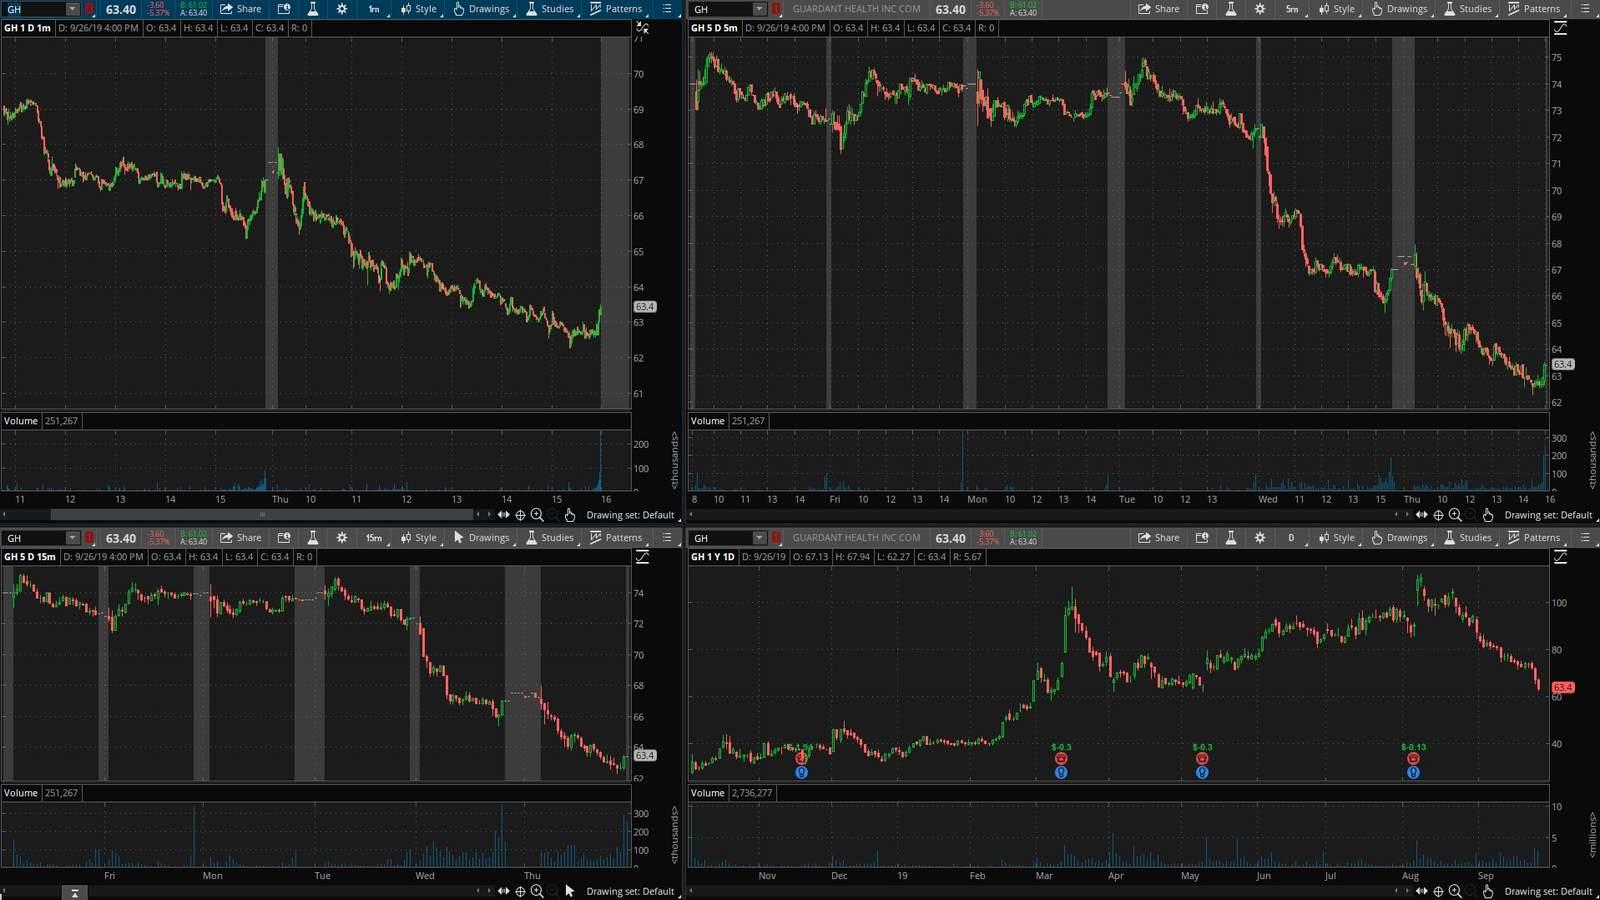 GH акция на фондовой бирже